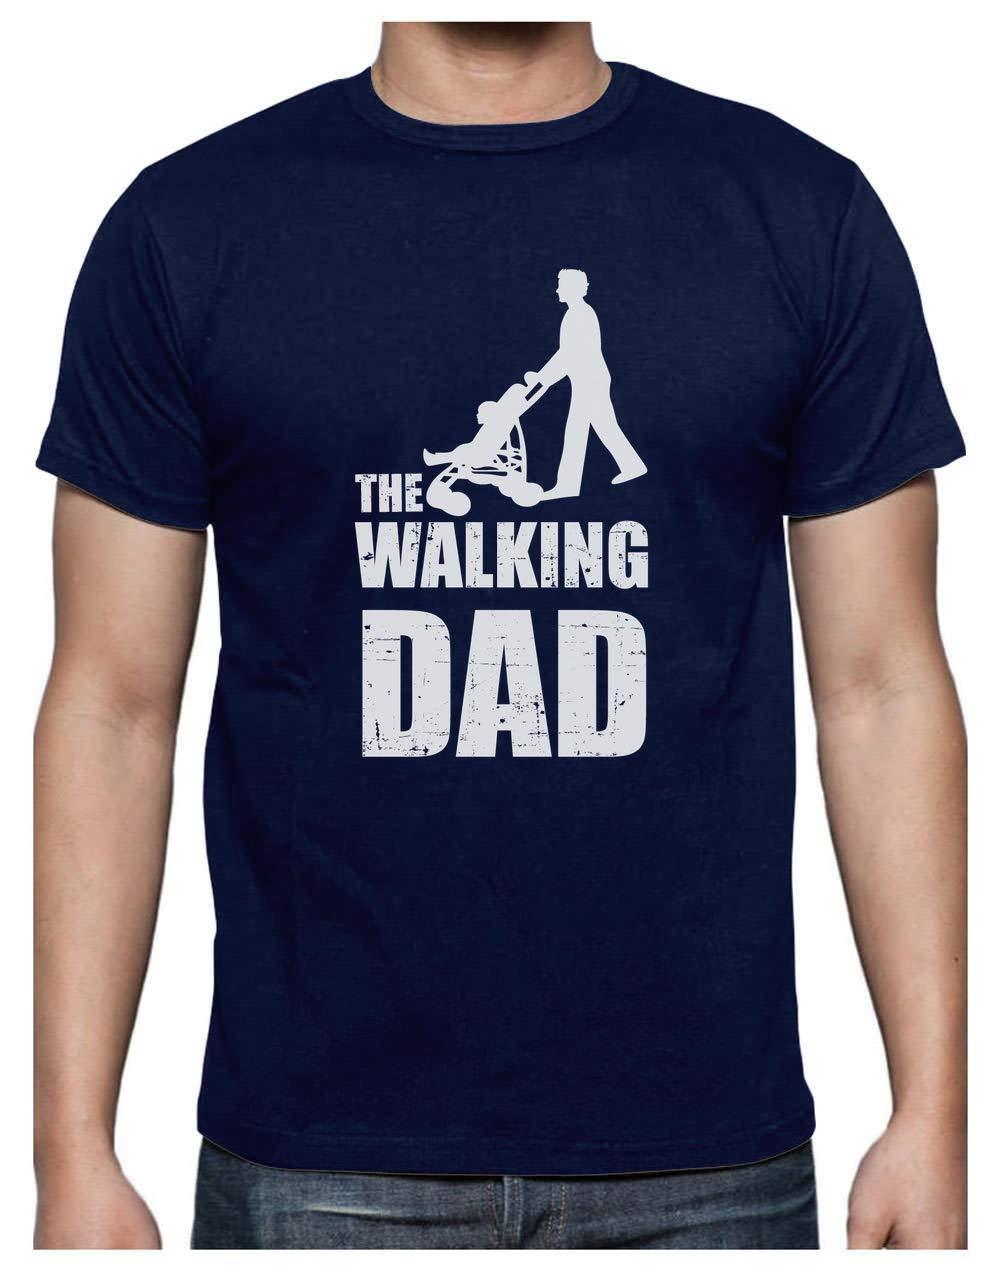 Green Turtle T-Shirts Camiseta para Hombre- Regalos Originales para Padres Primerizos – The Walking Dad